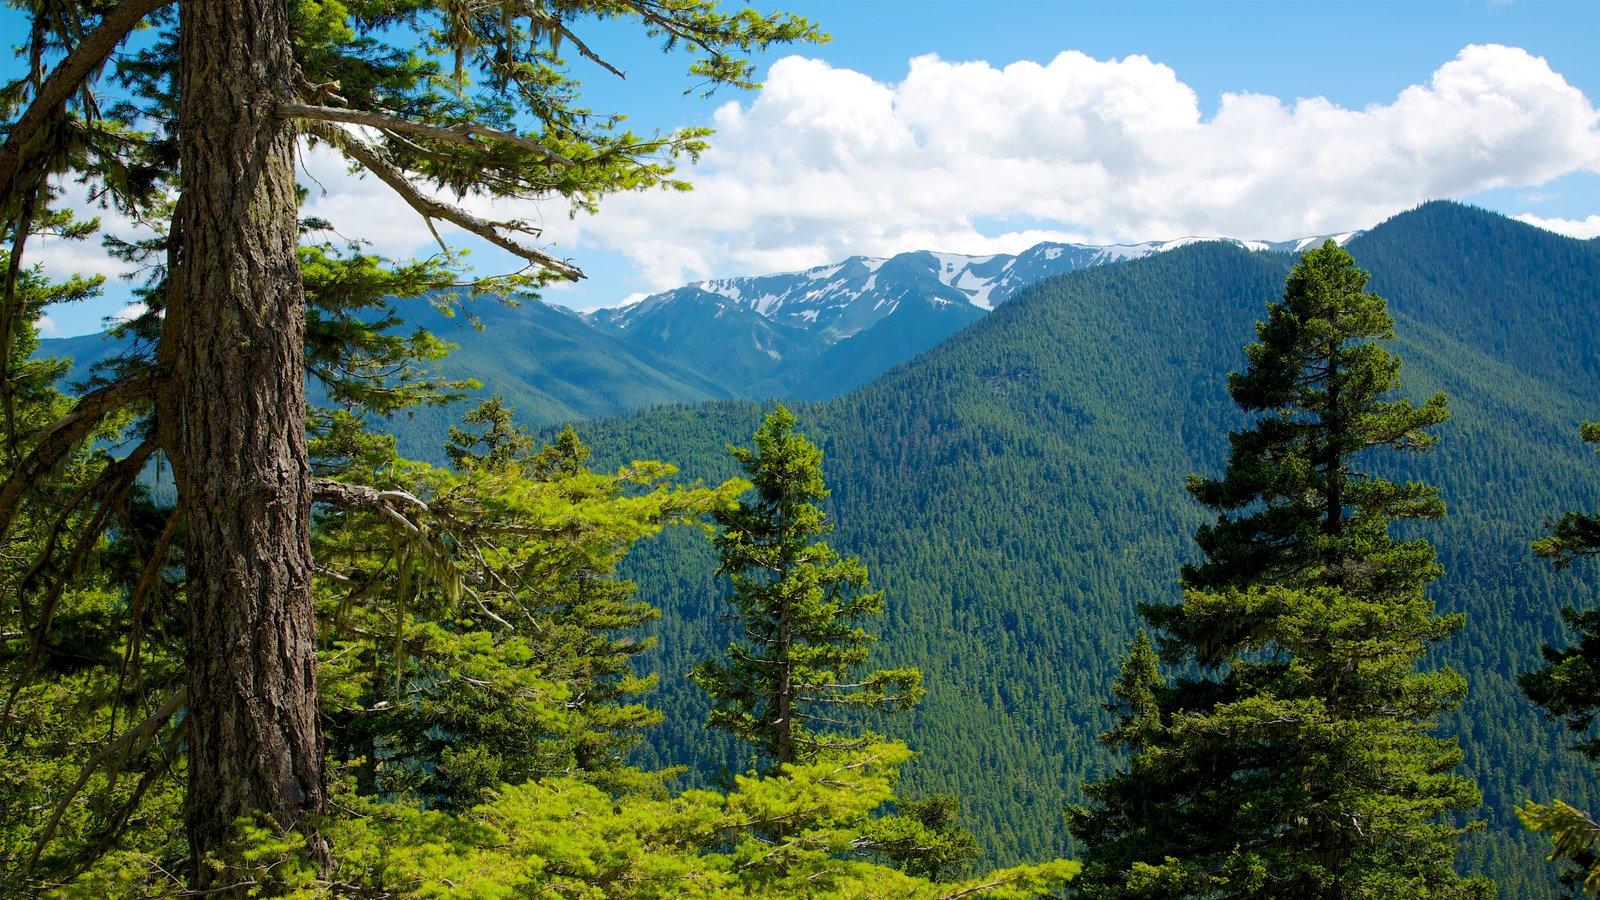 Hurricane Ridge Visitors Center mostrando paisagem e montanhas